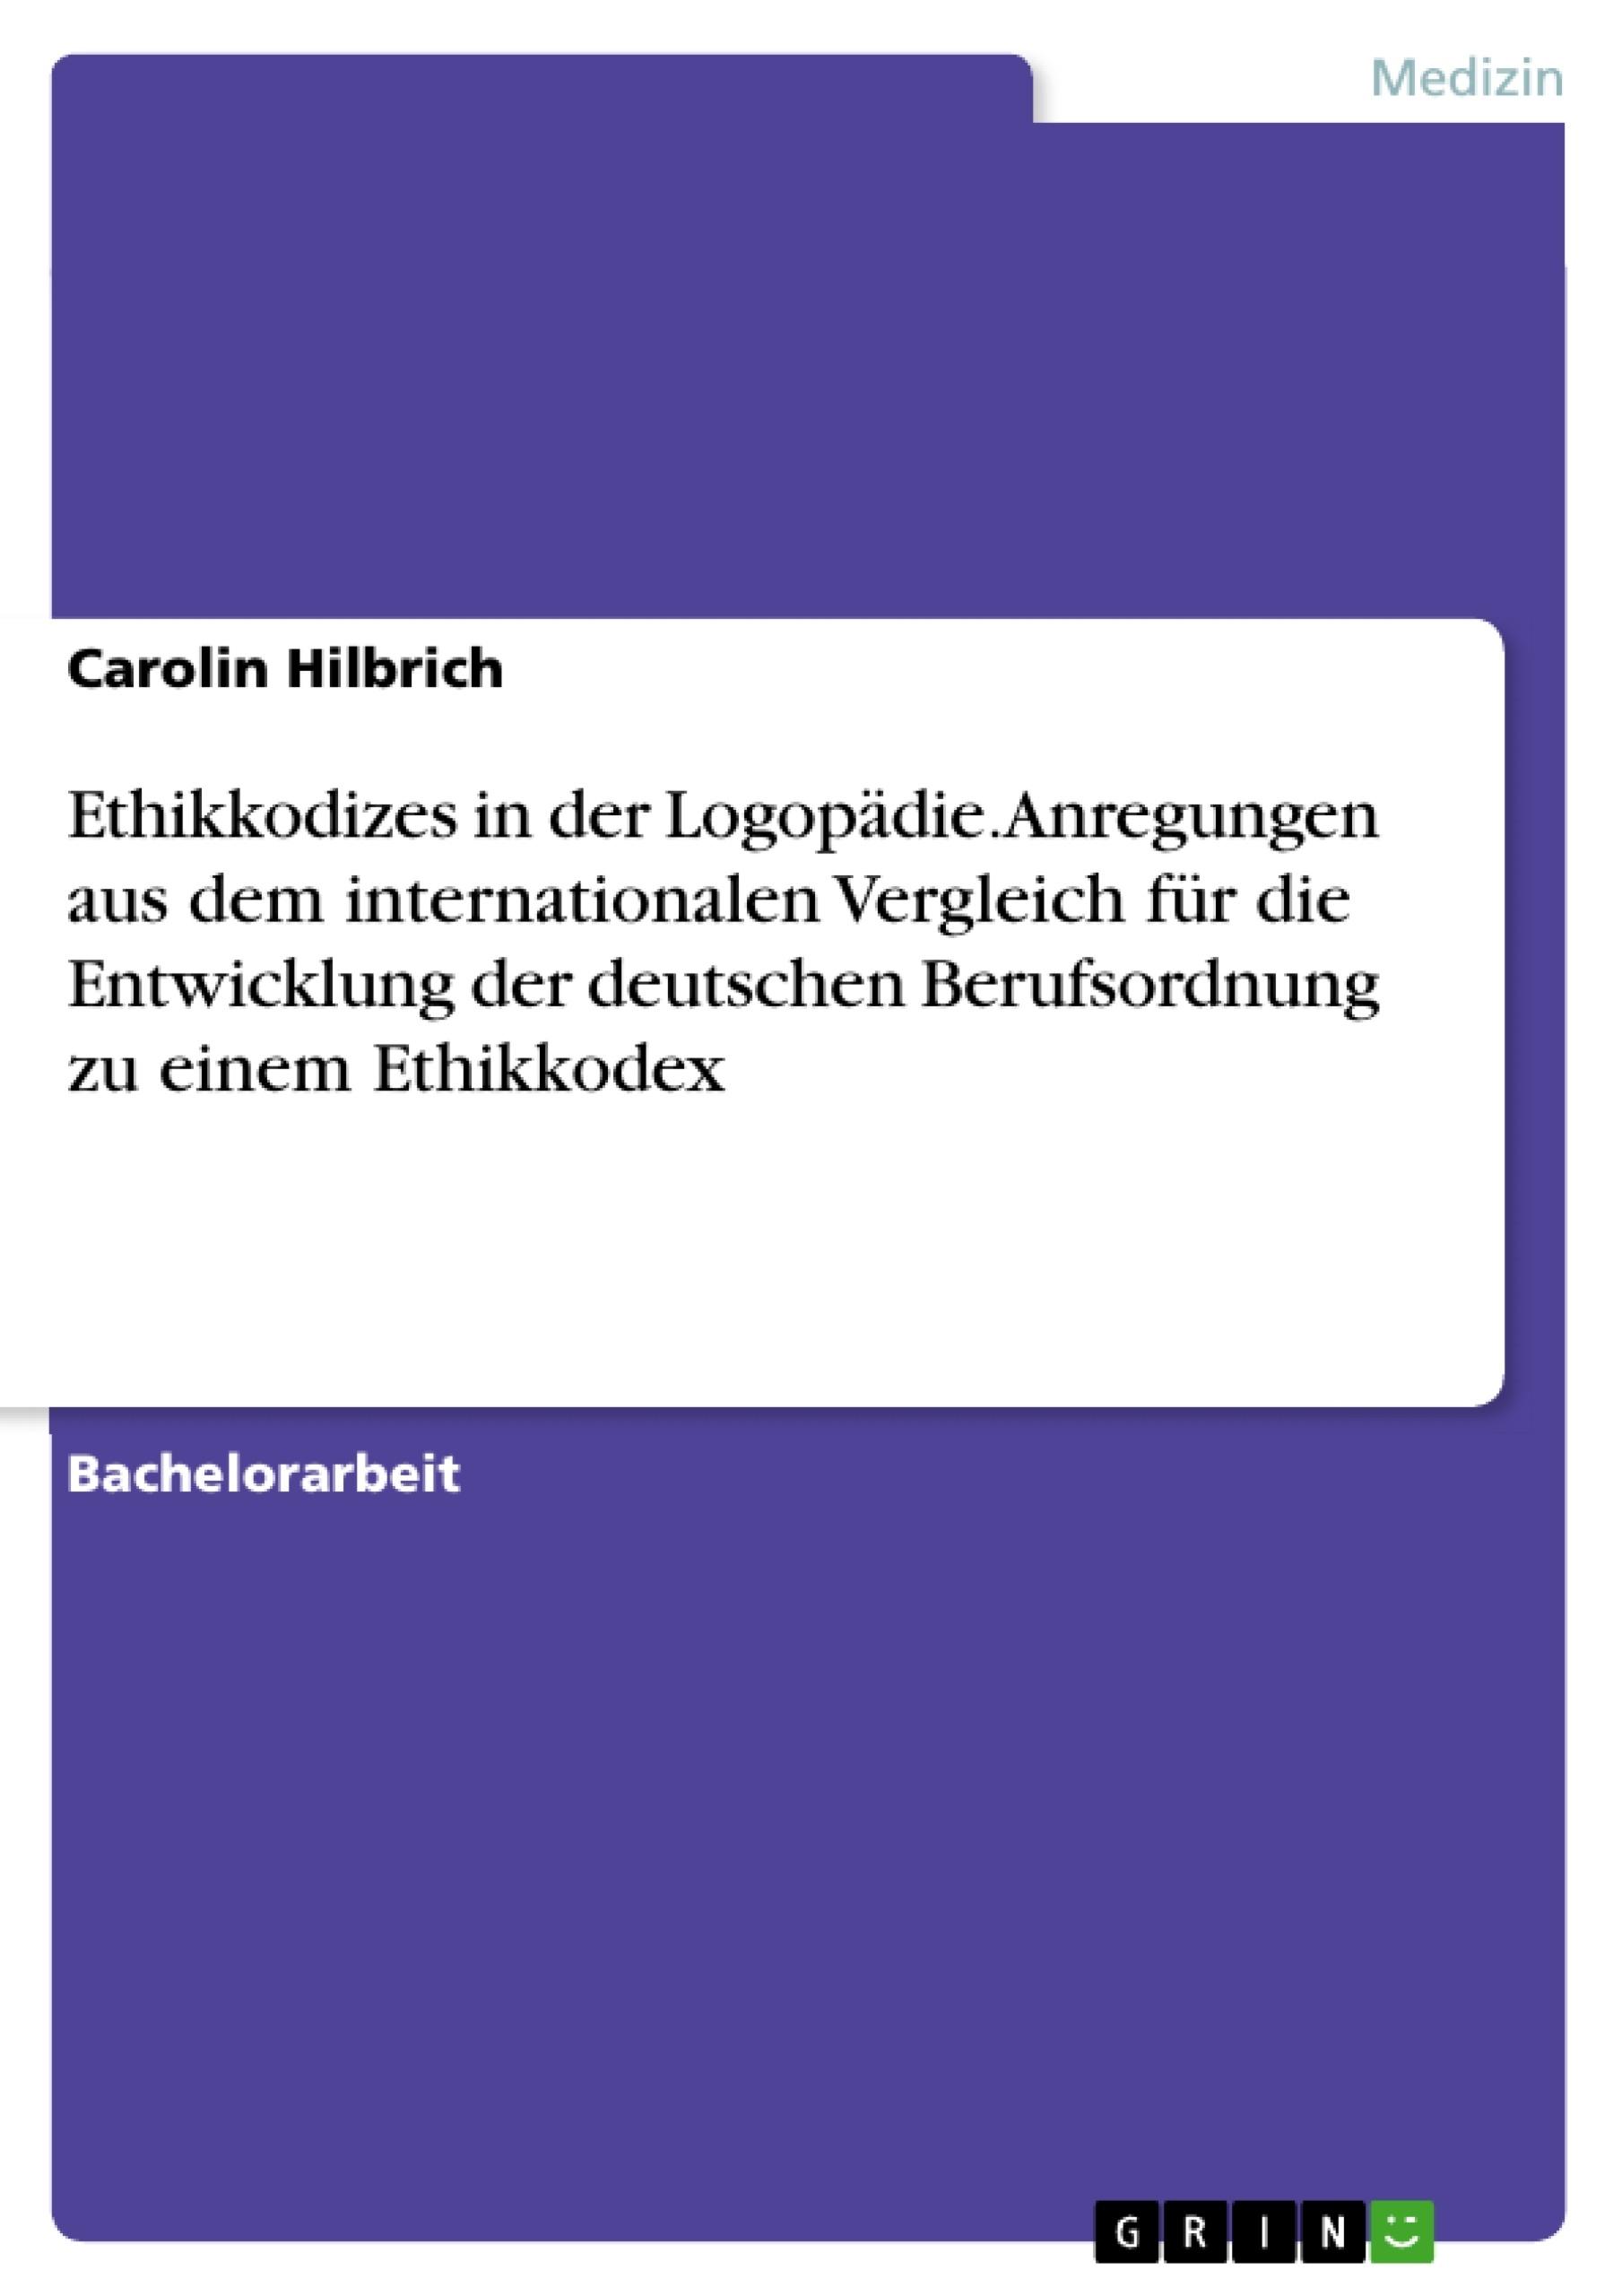 Titel: Ethikkodizes in der Logopädie. Anregungen aus dem internationalen Vergleich für die Entwicklung der deutschen Berufsordnung zu einem Ethikkodex